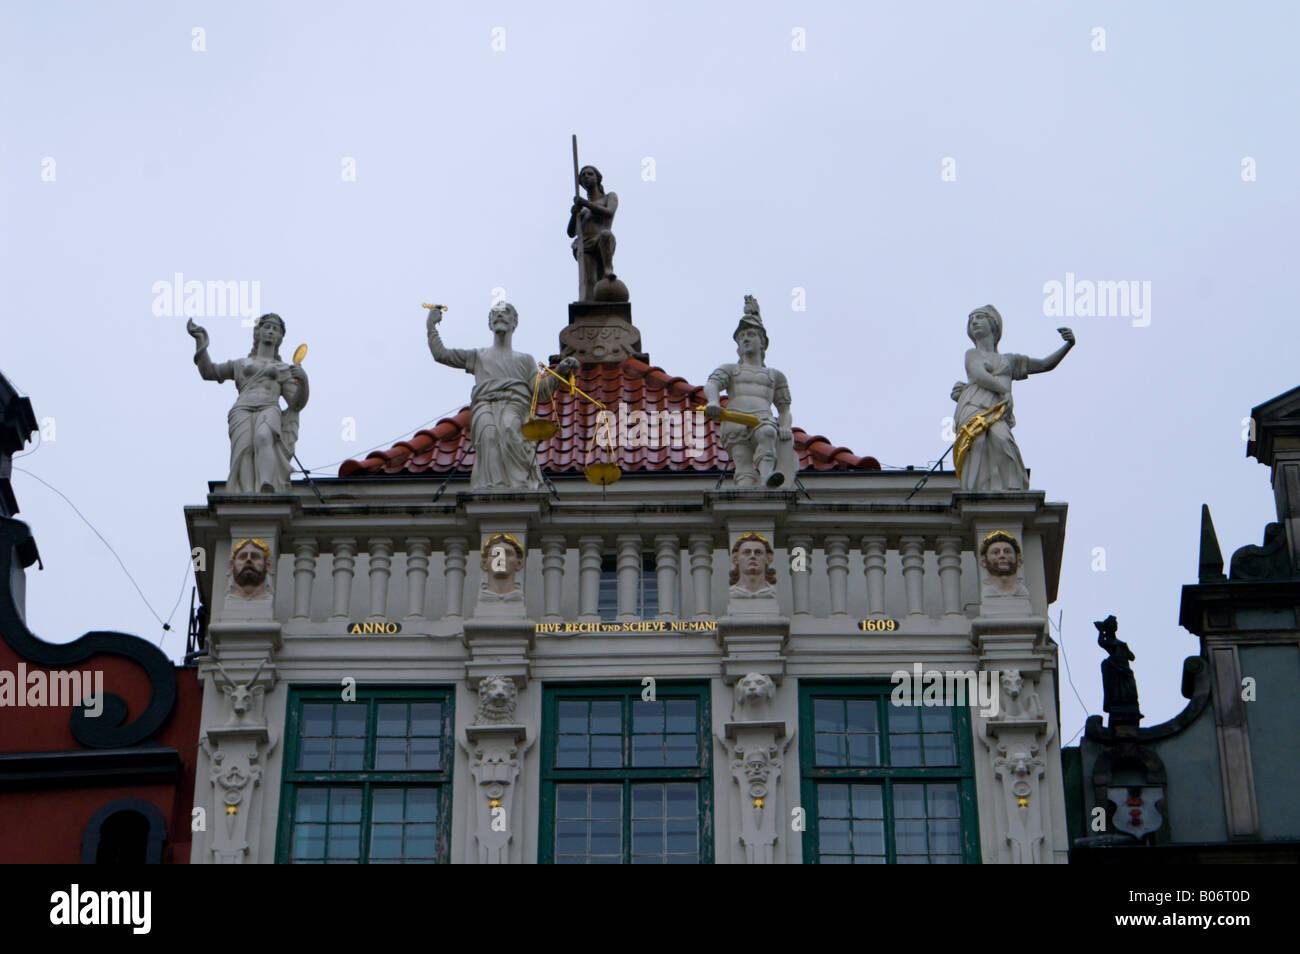 Roofline of the Golden House, Gdansk (Danzig), Poland. - Stock Image